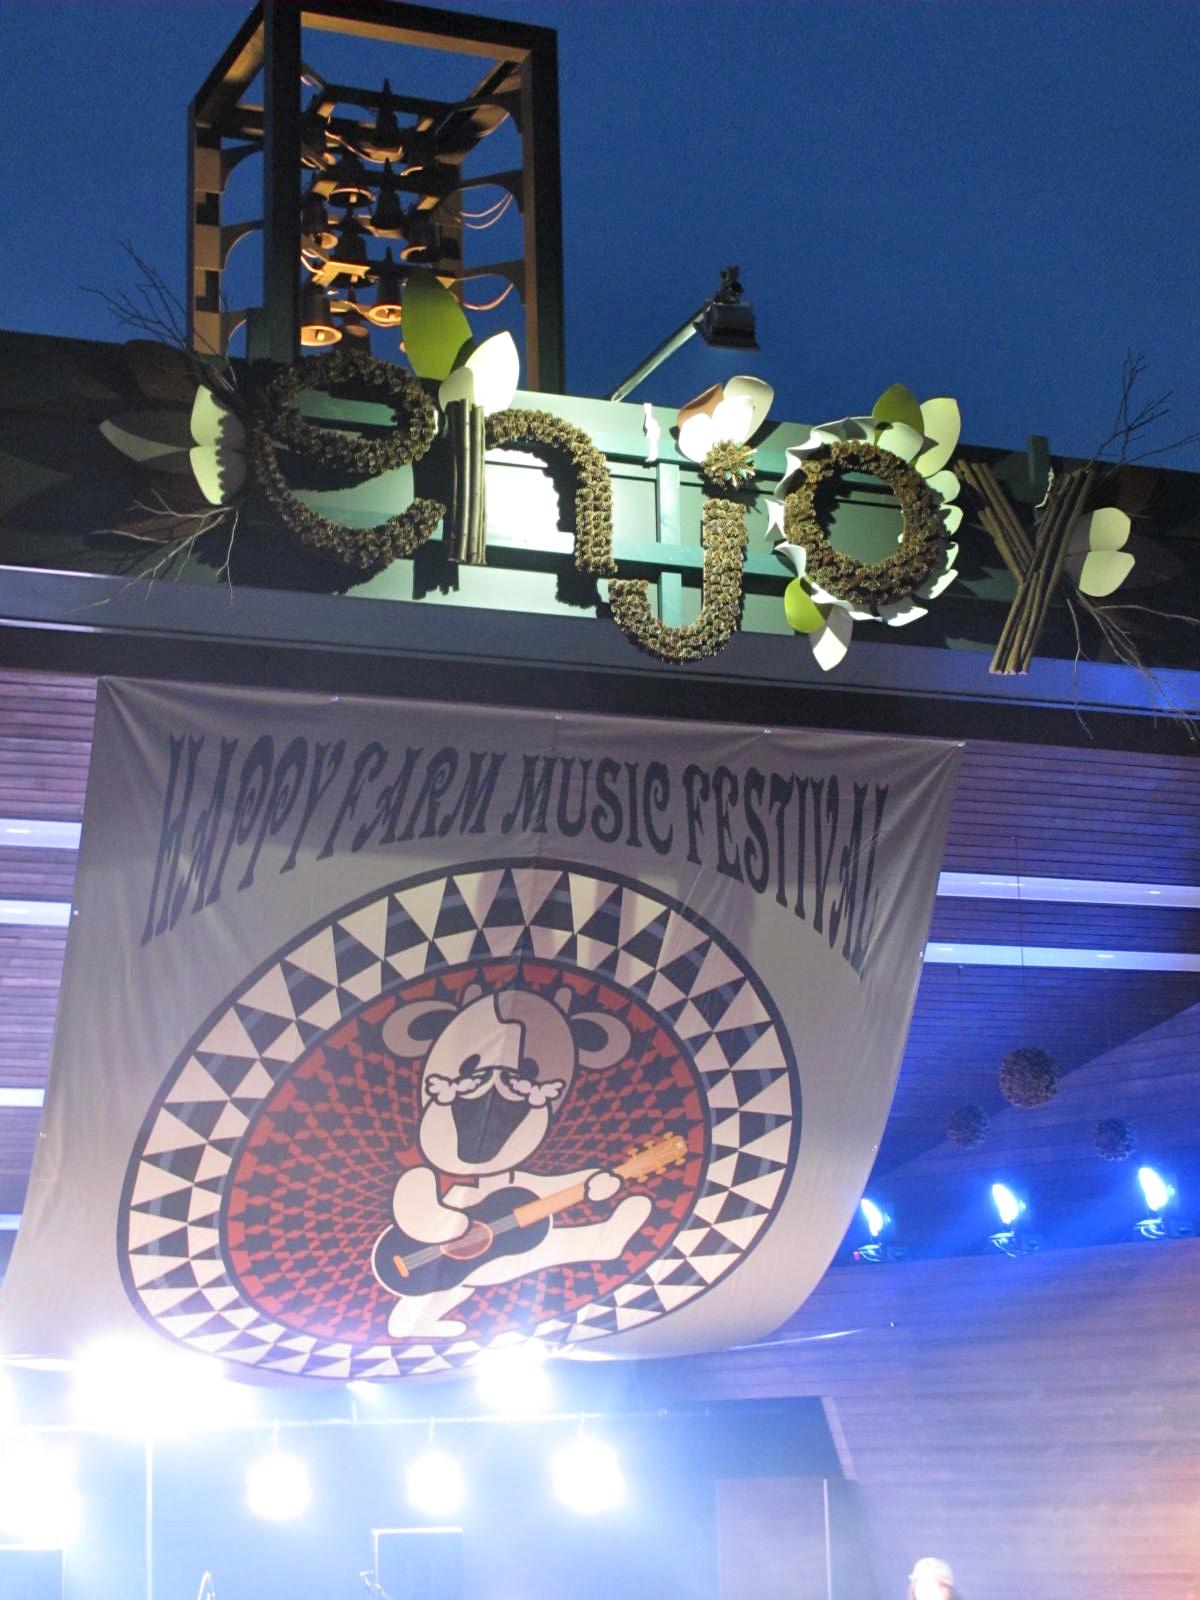 HAPPY FARM MUSIC FESTIVAL出店してきました!_a0252768_1737201.jpg